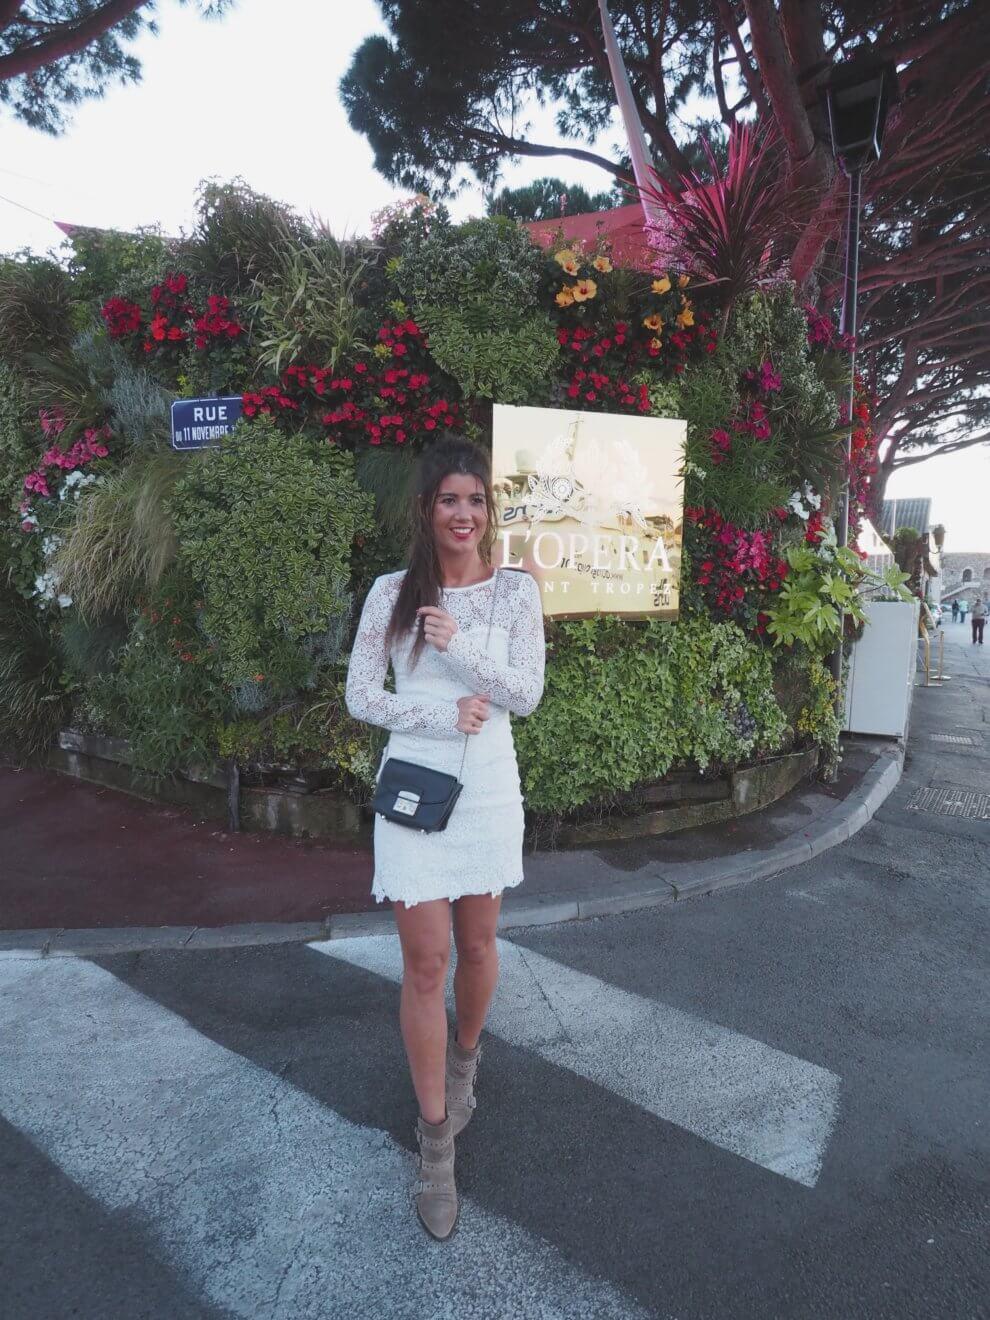 handigste Saint Tropez tips voor aankomende zomer - haven van Saint Tropez - L'opera